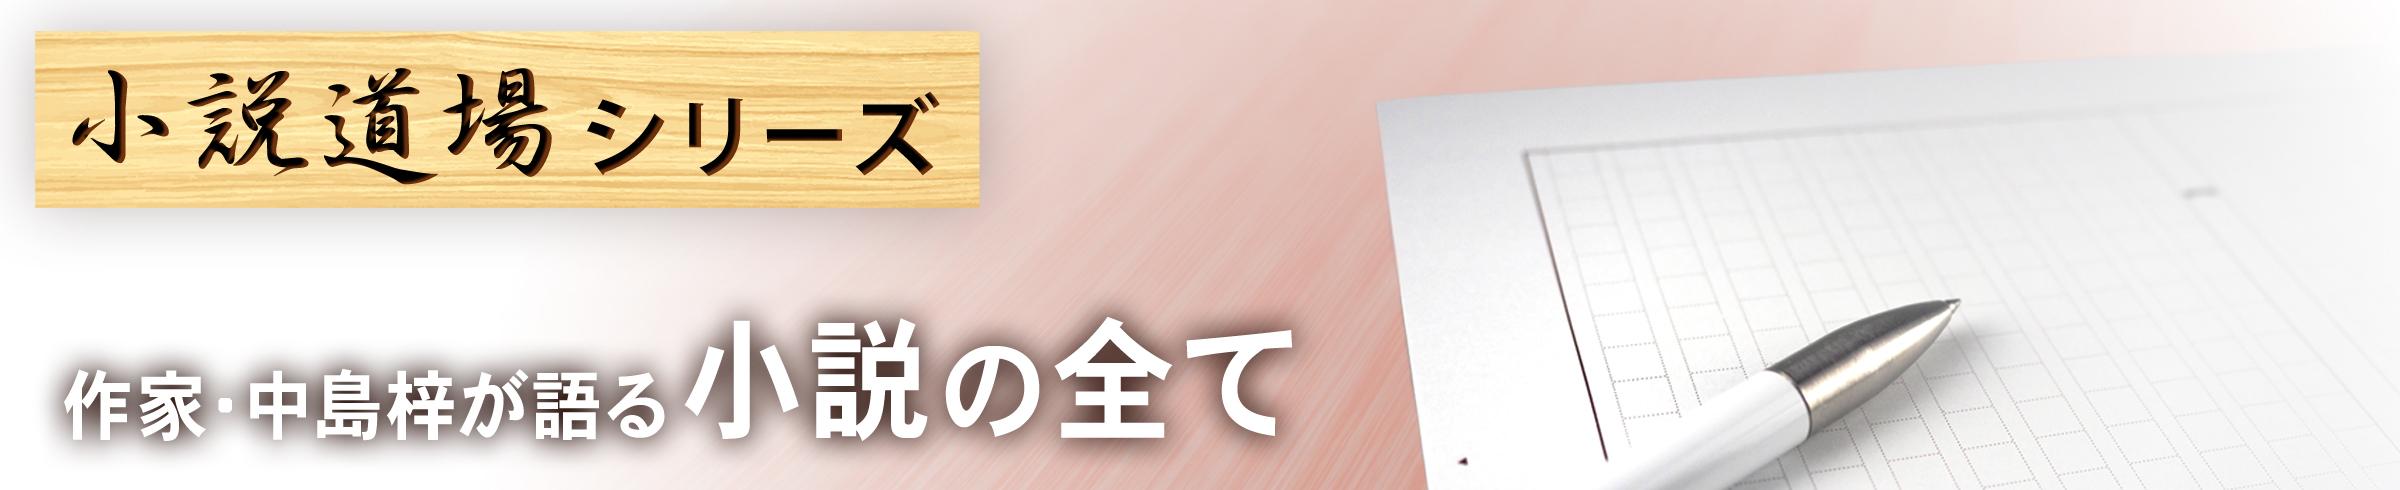 小説道場シリーズ